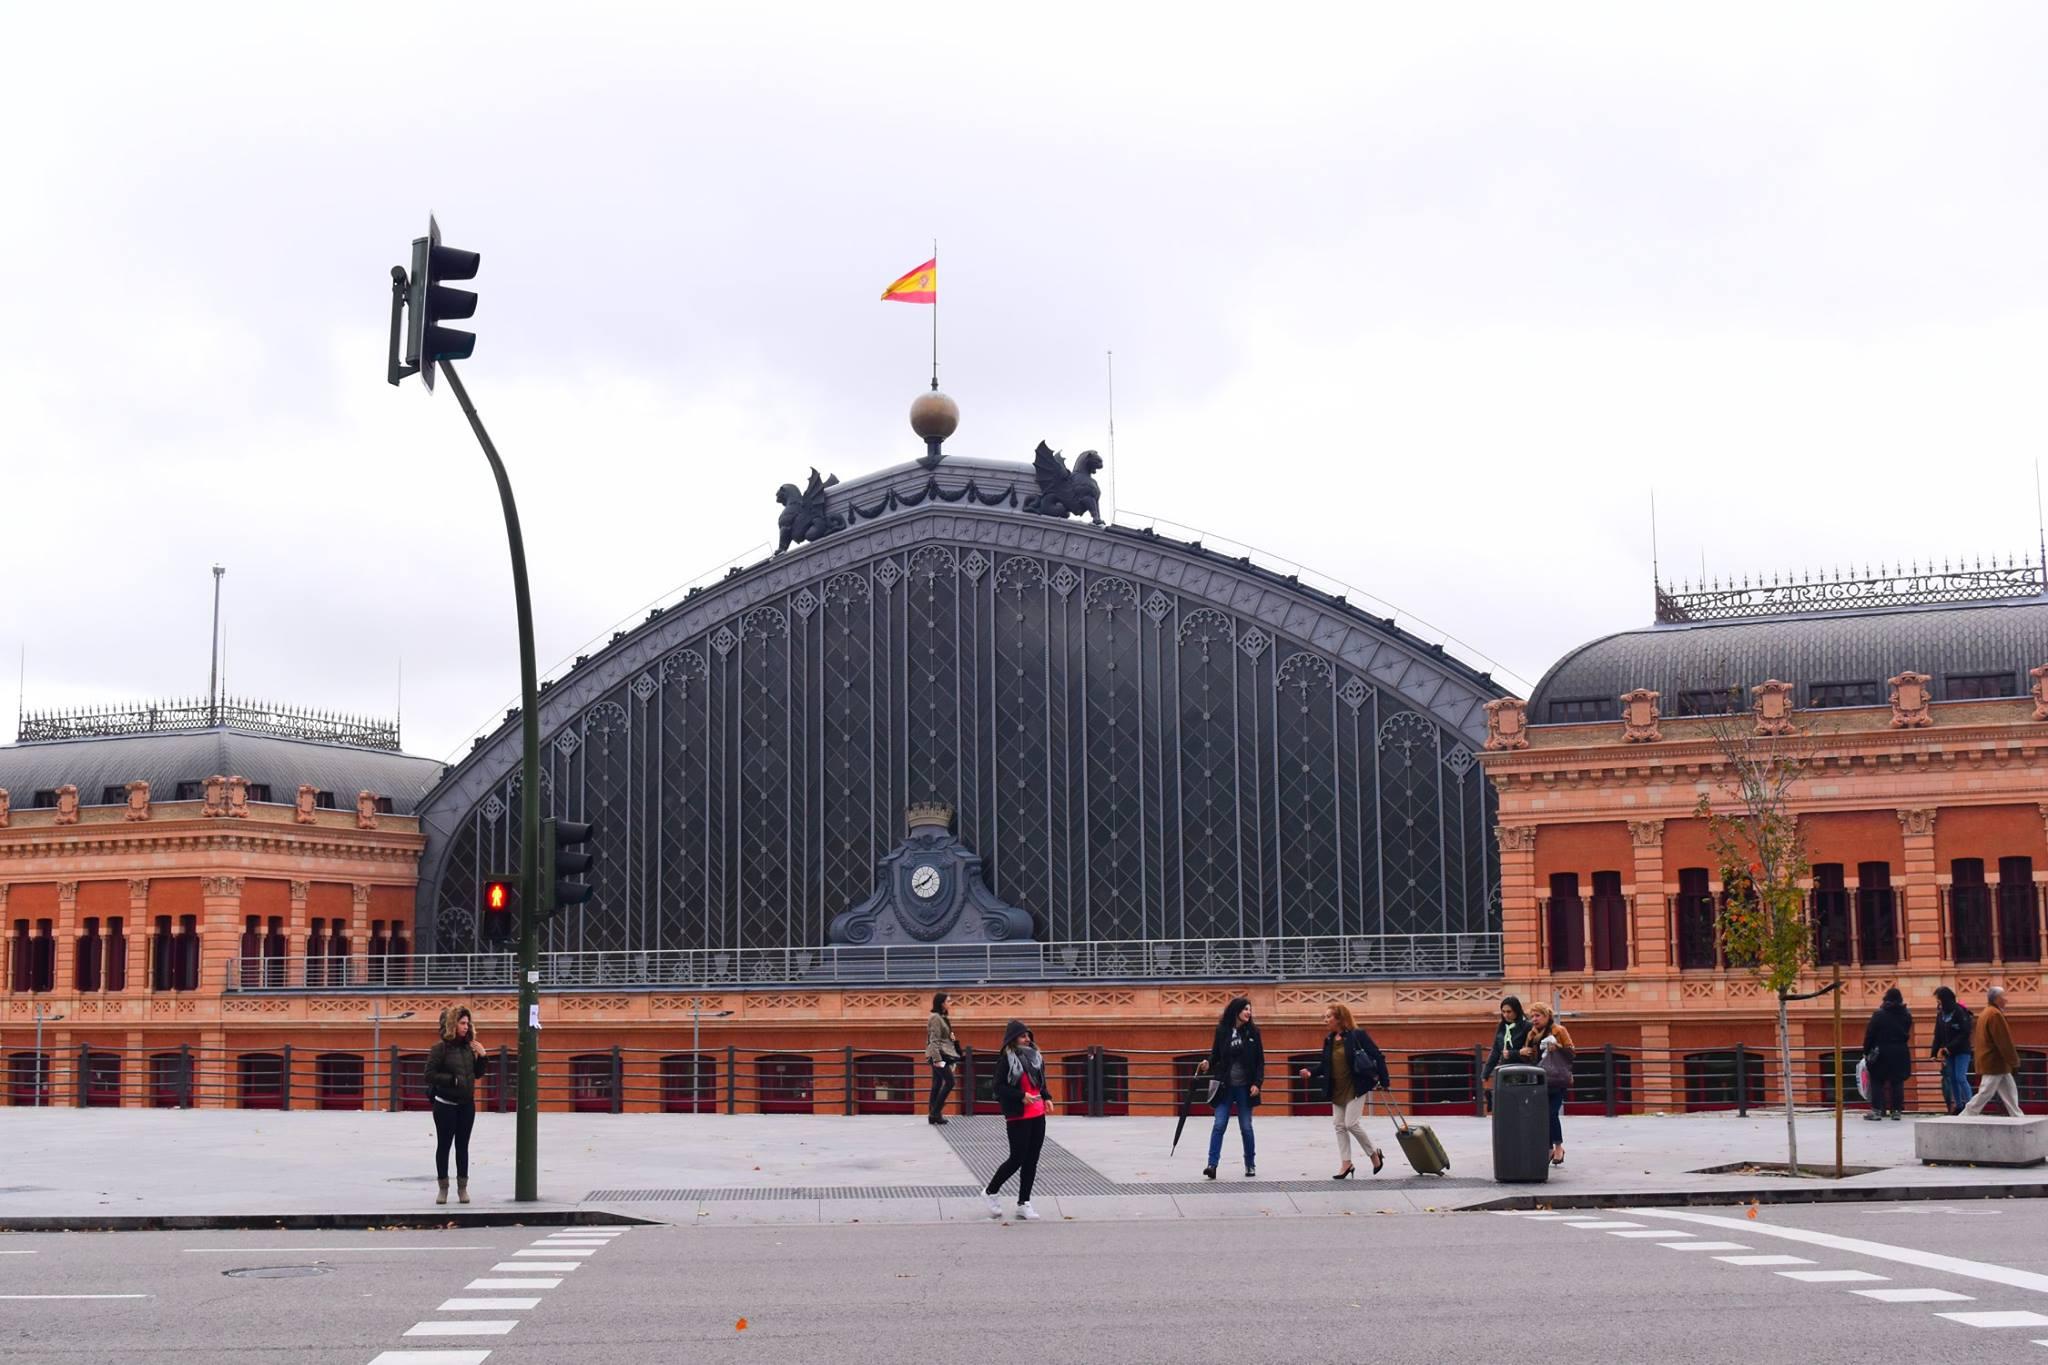 スペイン・マドリードへの入国制限、緩和情報まとめ【2020年8月最新情報】